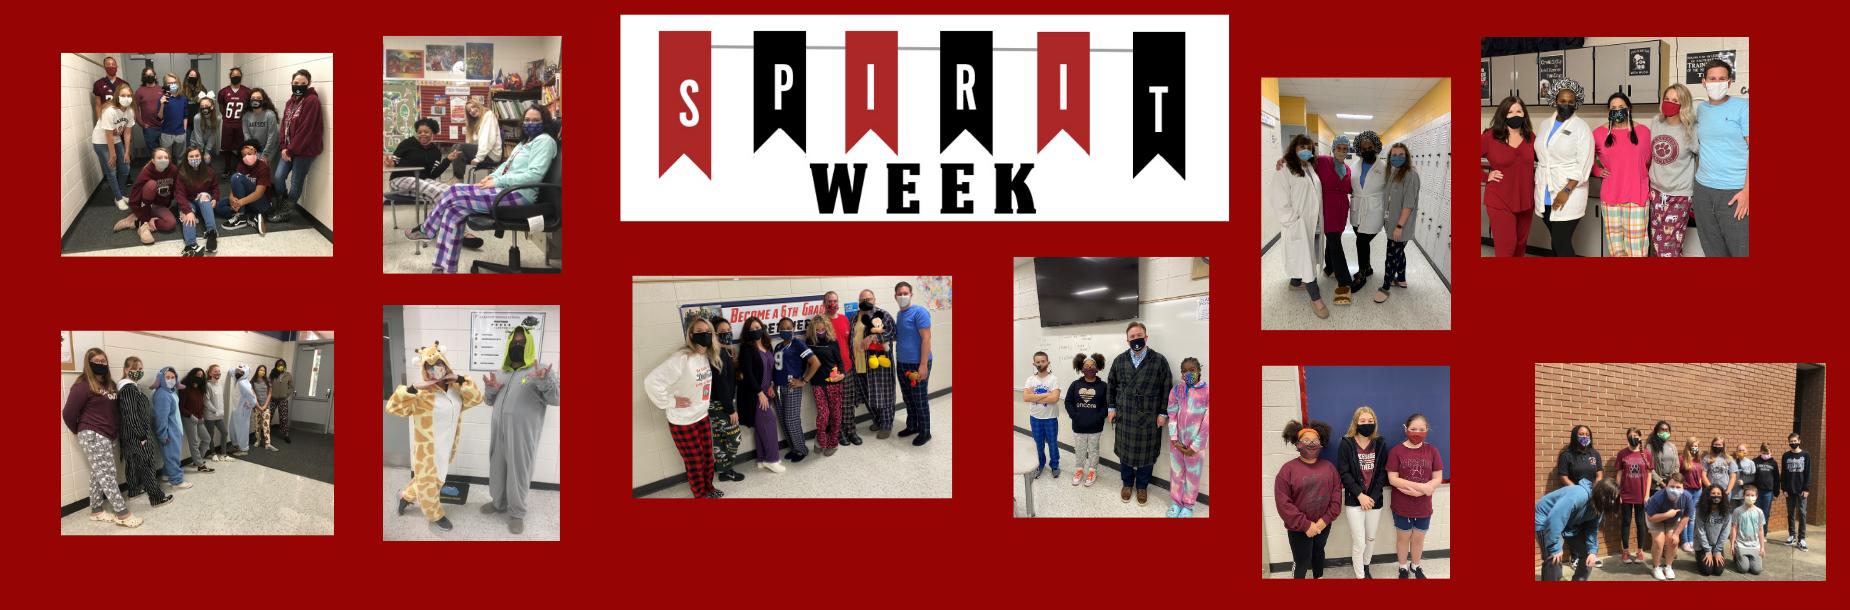 spirit week photos